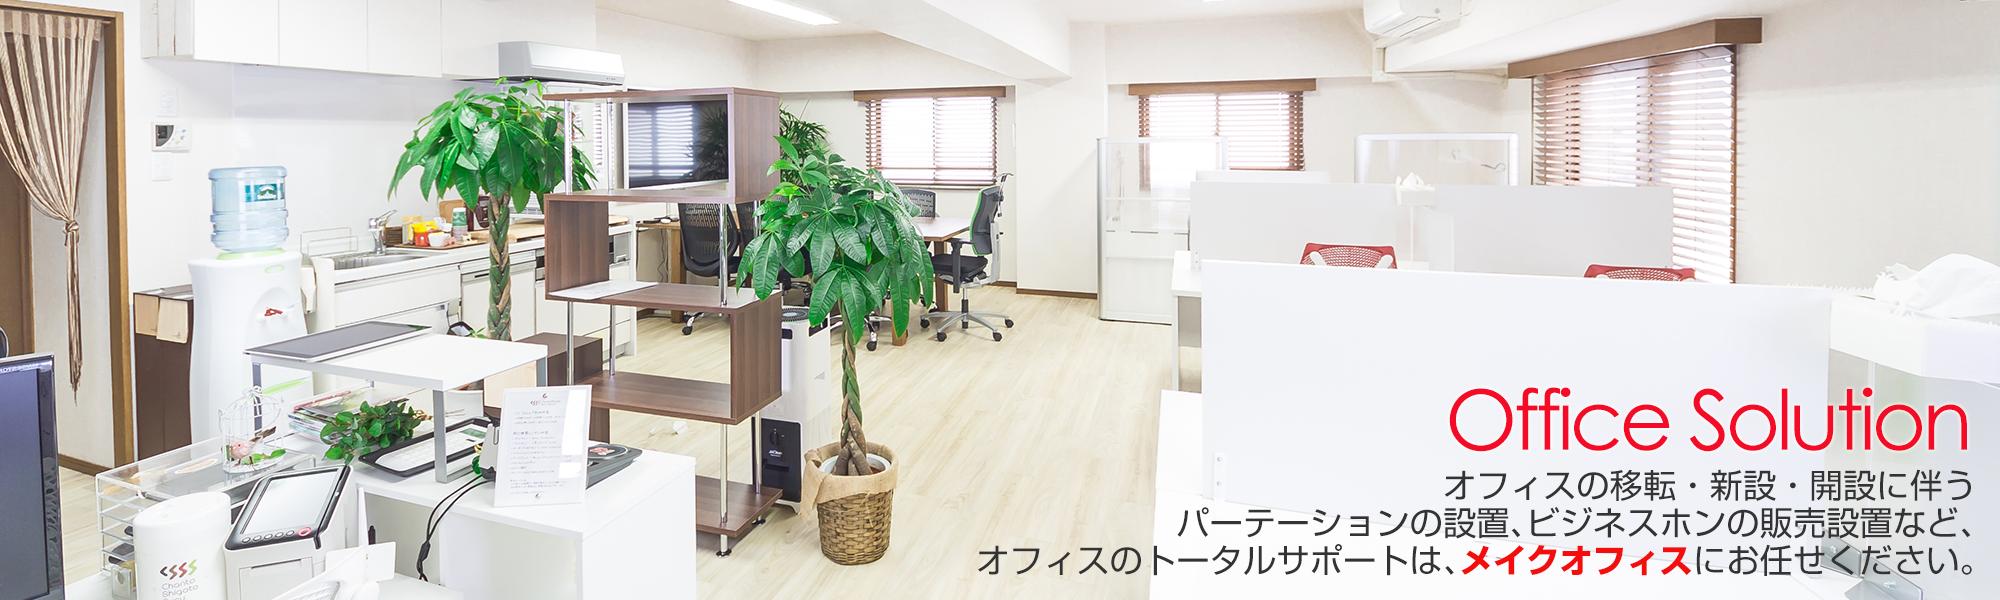 オフィスレイアウト、オフィスの移転・新設をトータルにサポート